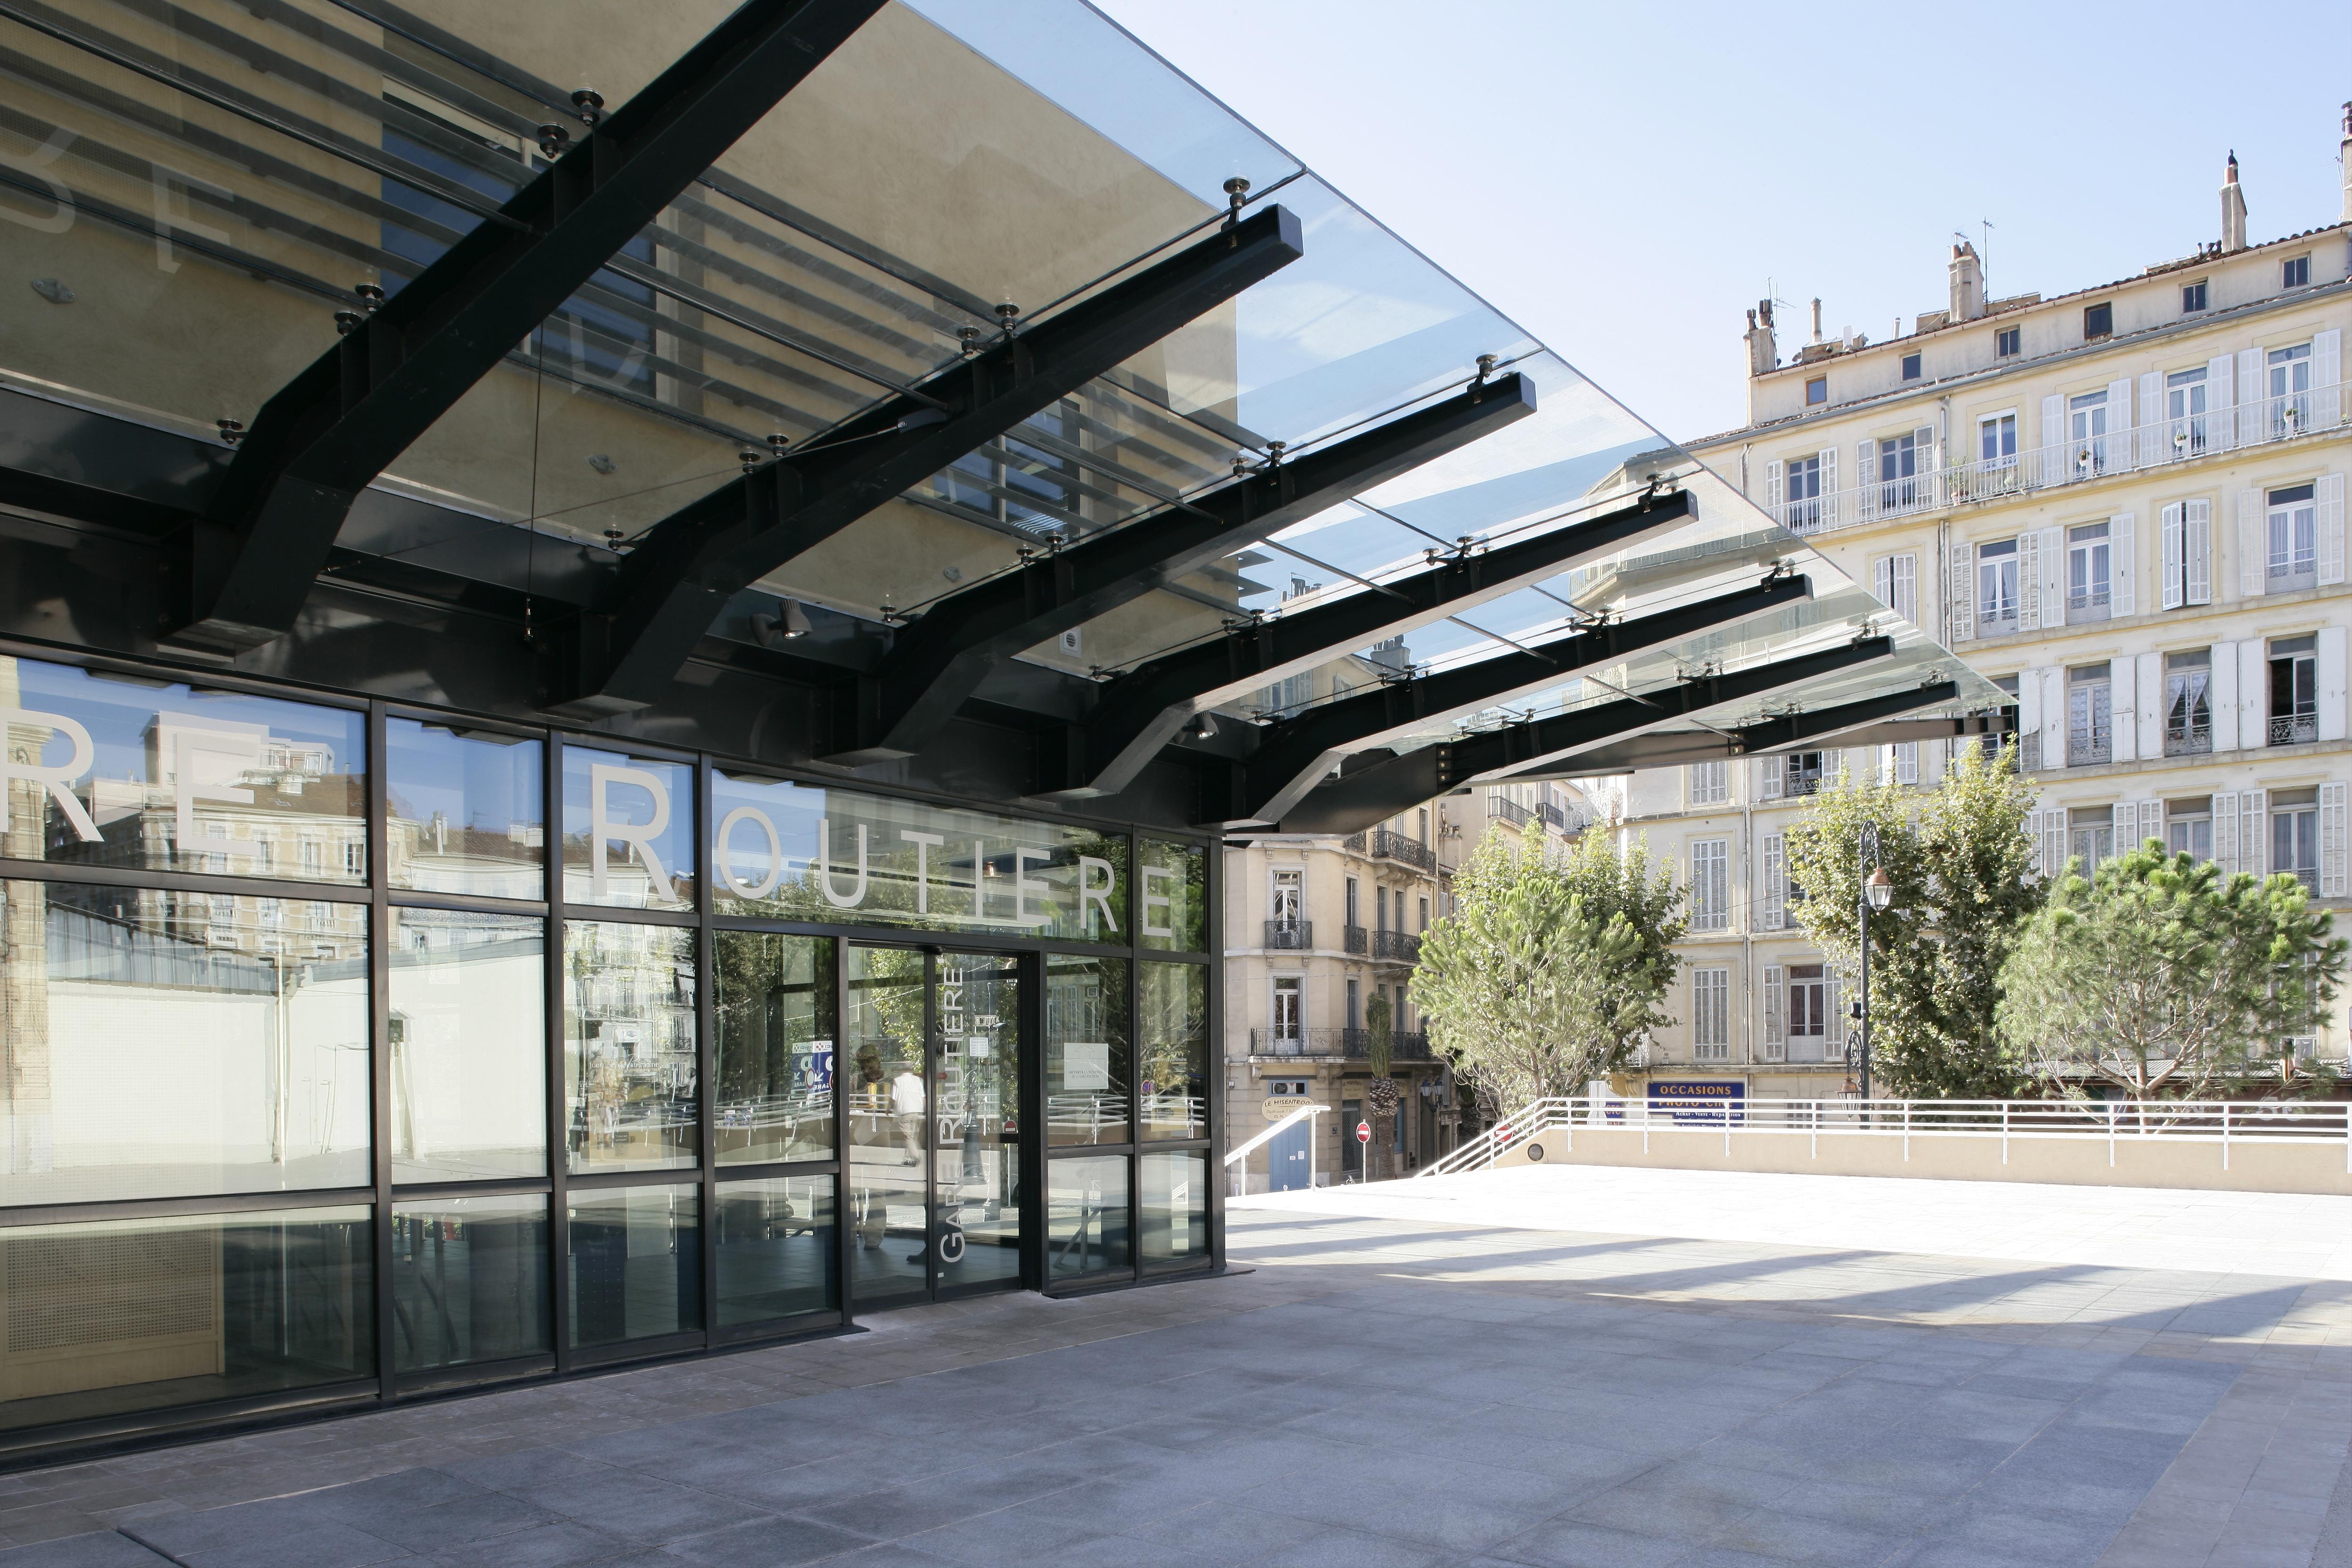 Entrée de la gare routière de Toulon par AAPL architecte DPLG dans le VAR